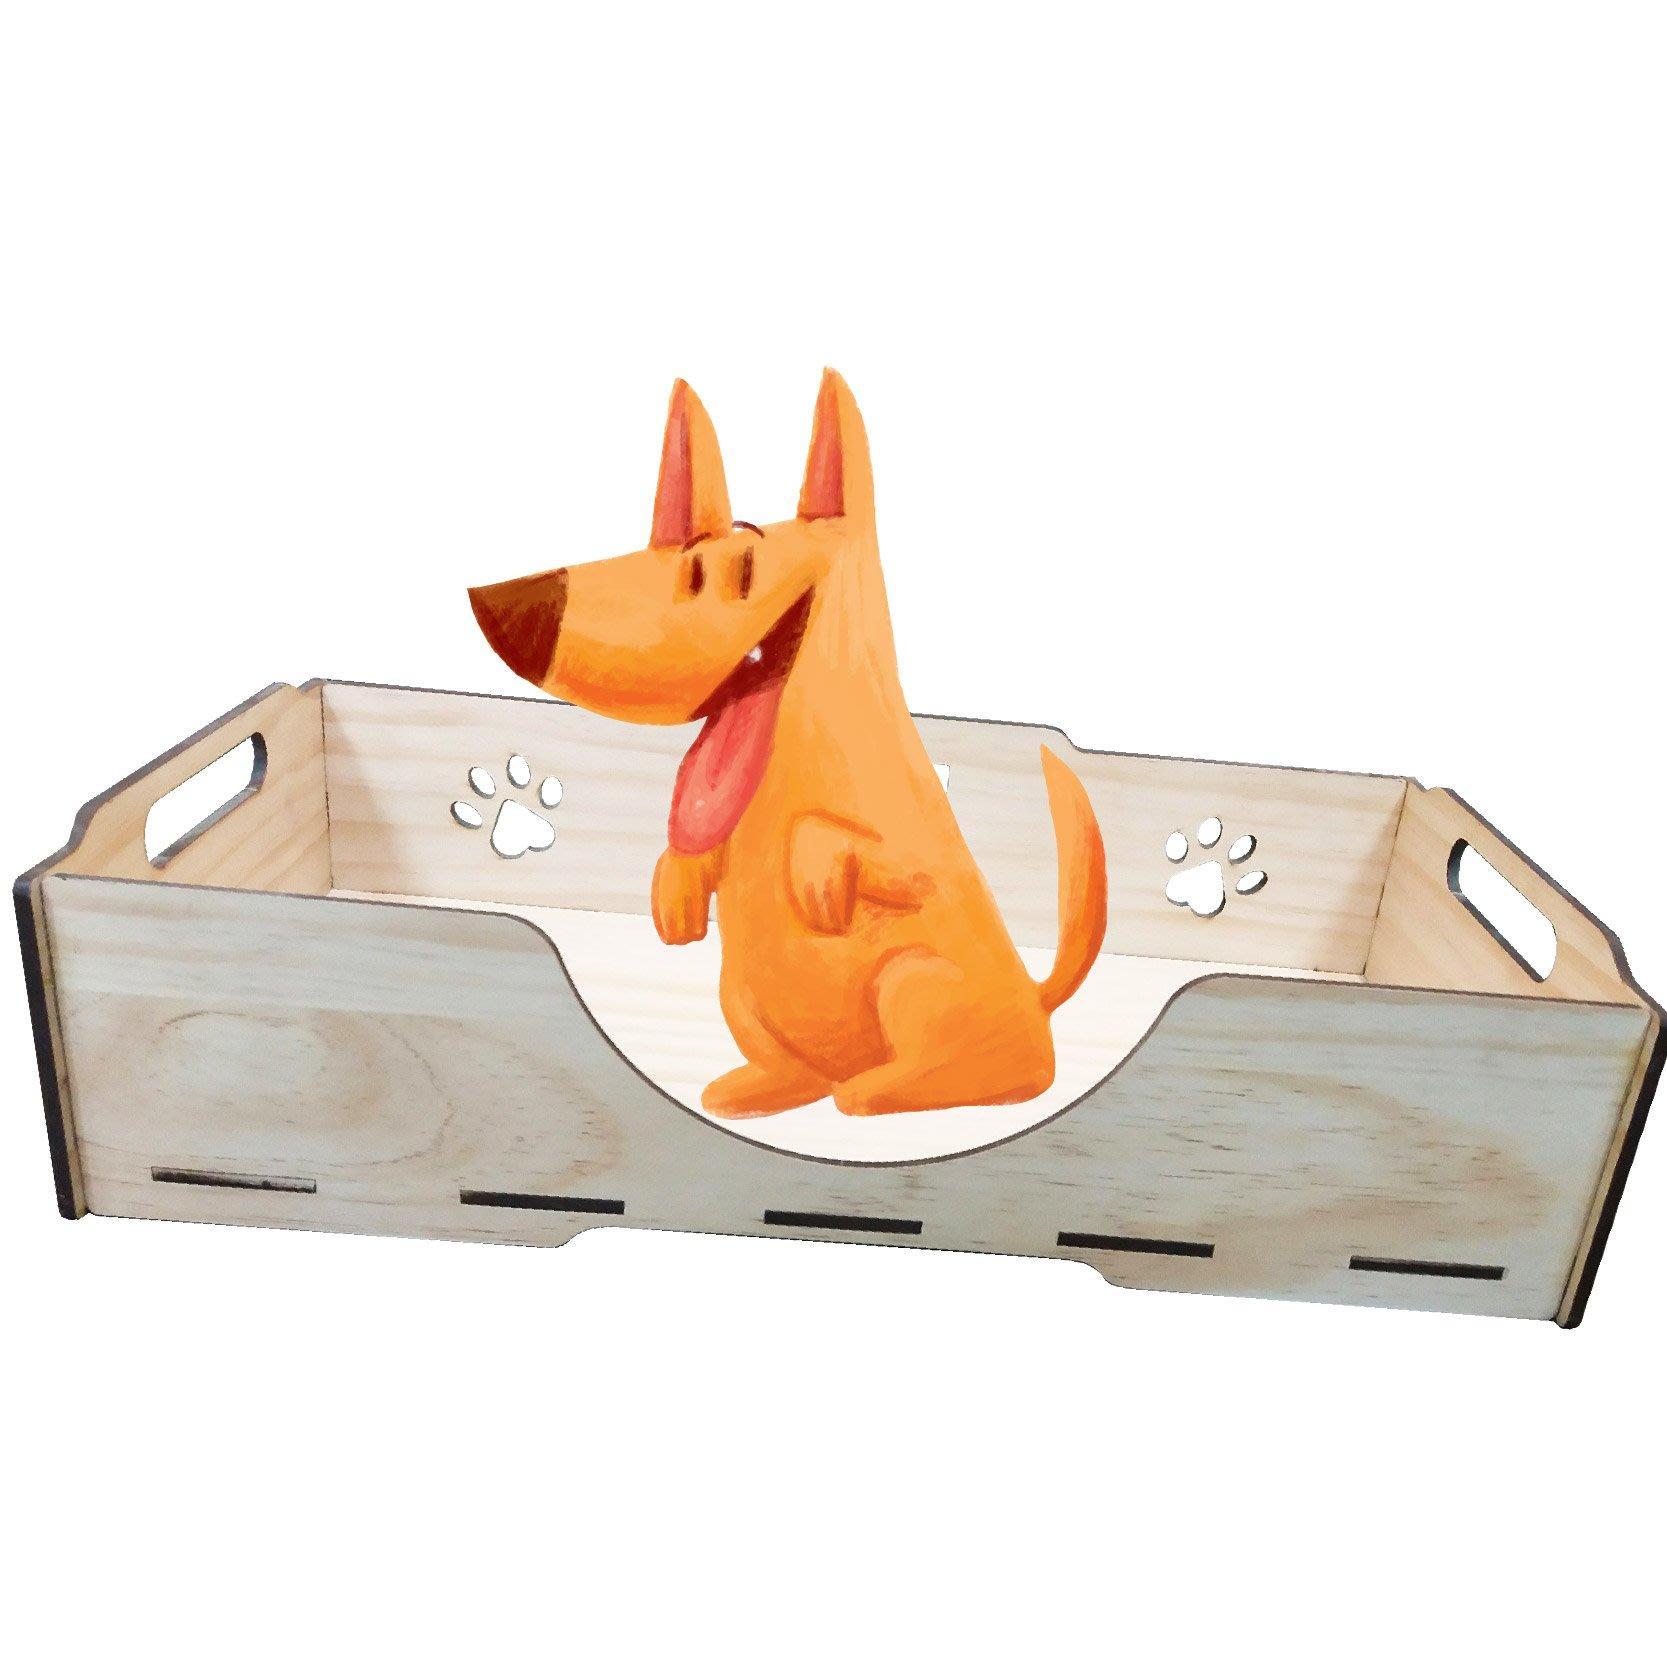 【寶貝愛寵】KT001 KATIE凱蒂床組 床組單入含長抓 精選木質 毛小孩 寵物床 寵物睡墊 睡窩